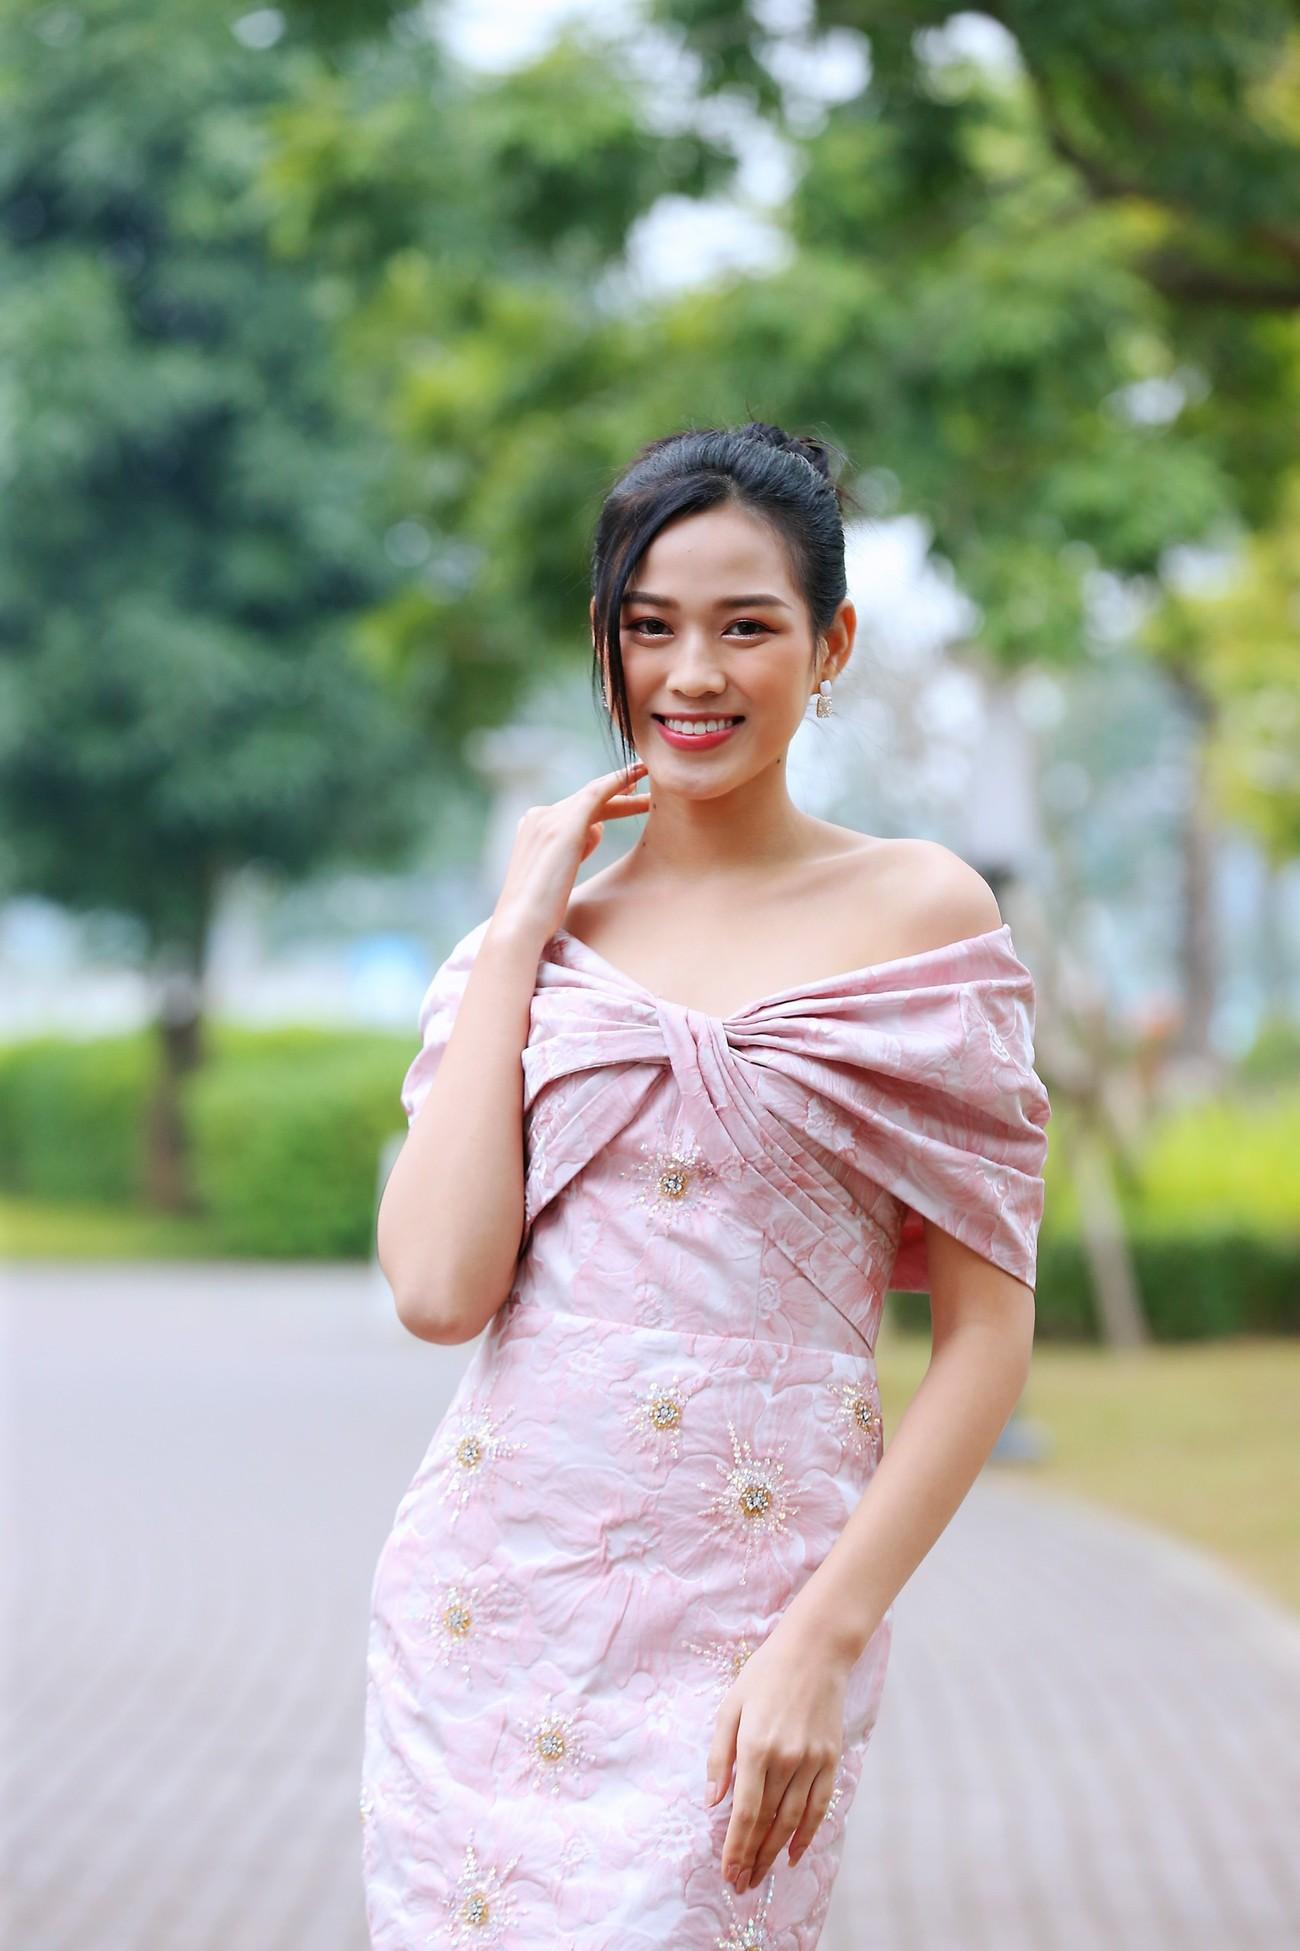 Những hình ảnh đẹp rạng rỡ của Hoa hậu Đỗ Thị Hà trong hành trình Chủ nhật Đỏ 2021 ảnh 7